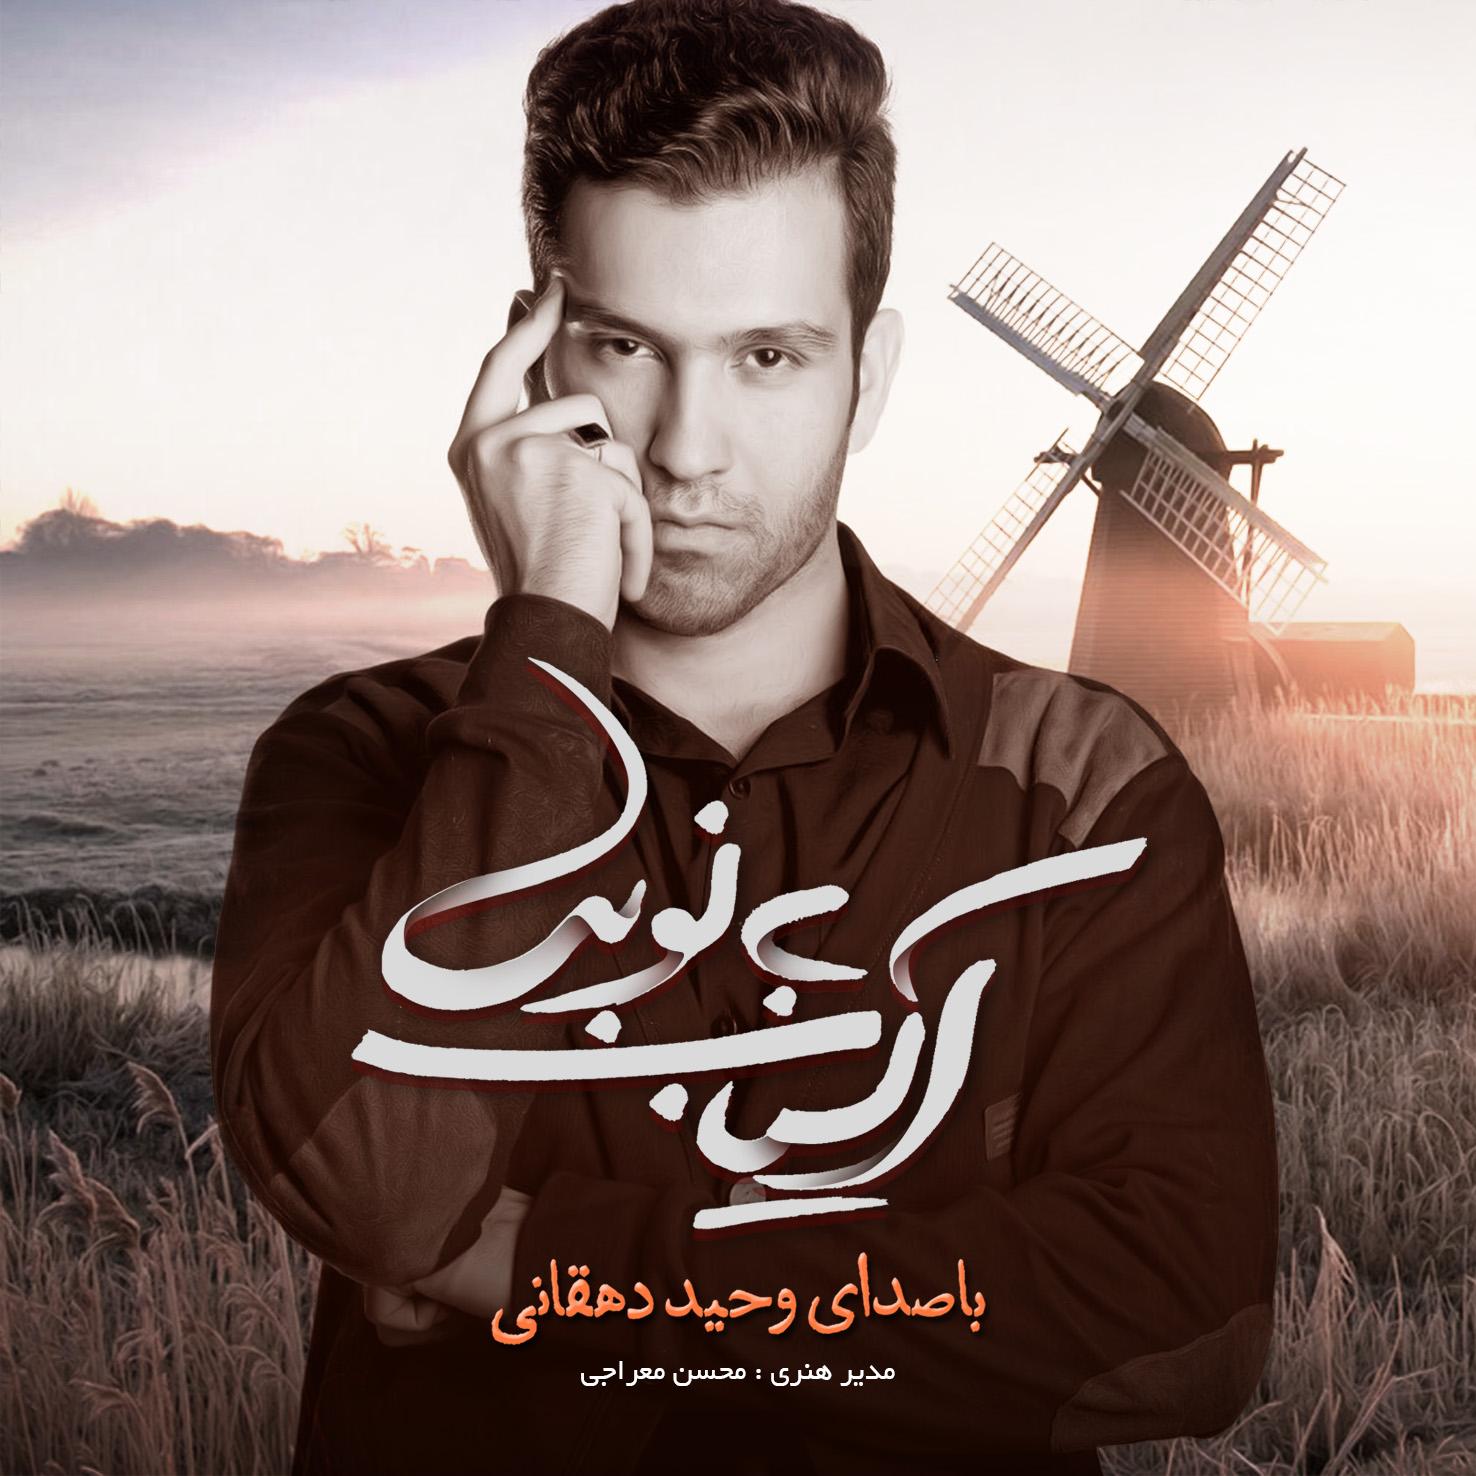 دانلود آلبوم جدید وحید دهقانی بنام آسیاب به نوبت